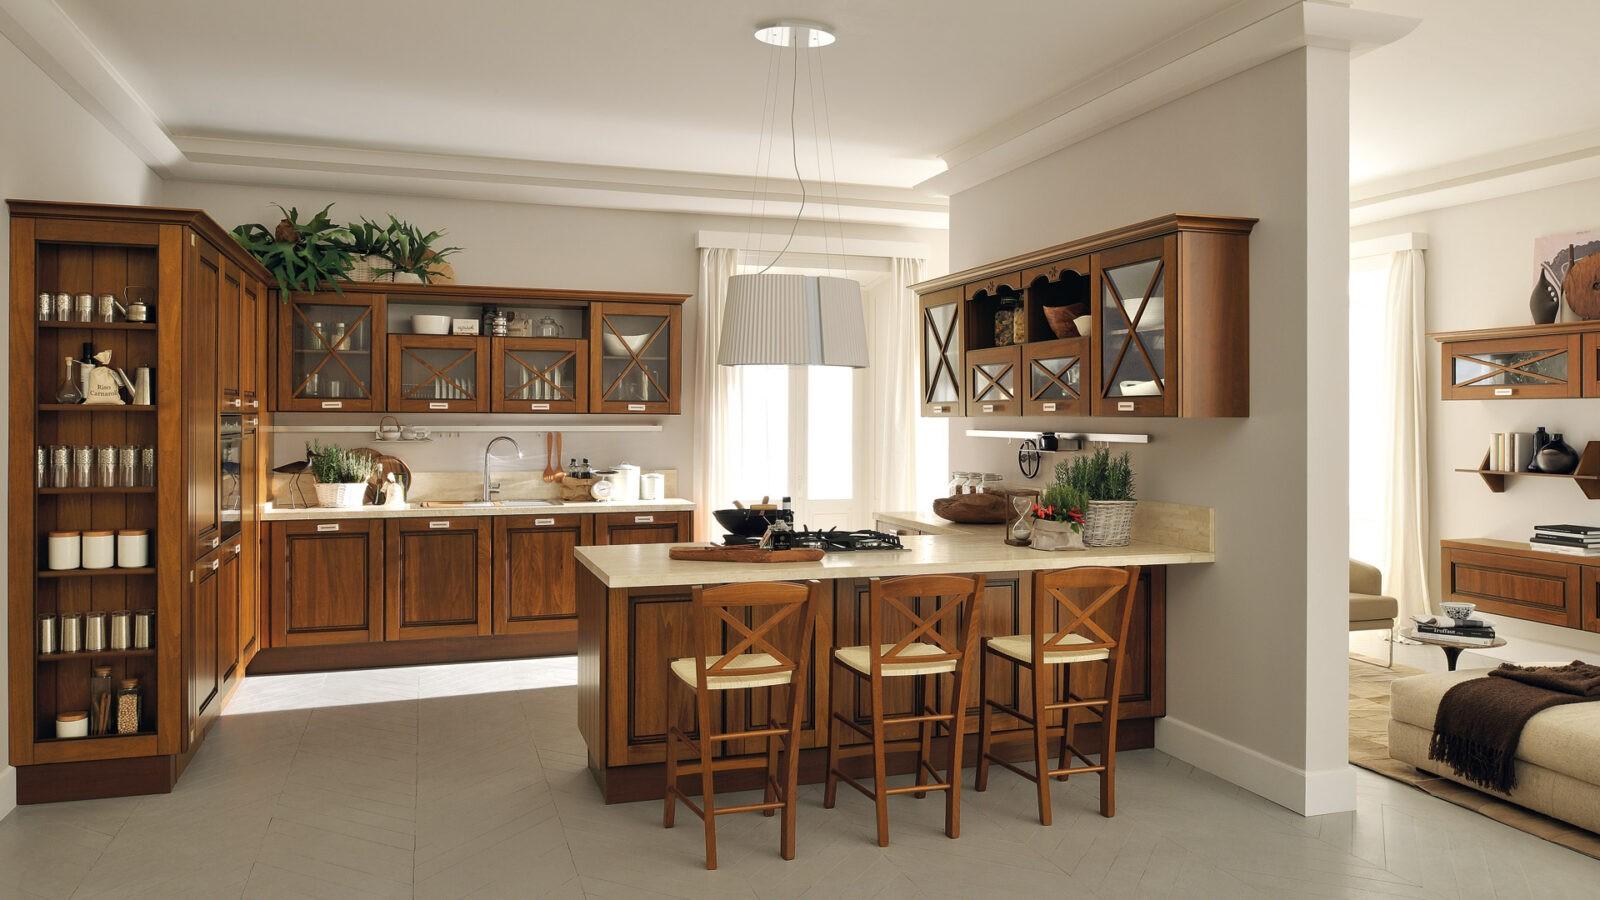 Massivholzküchen & Vollholzküchen vom Spezialisten - Preisgünstig